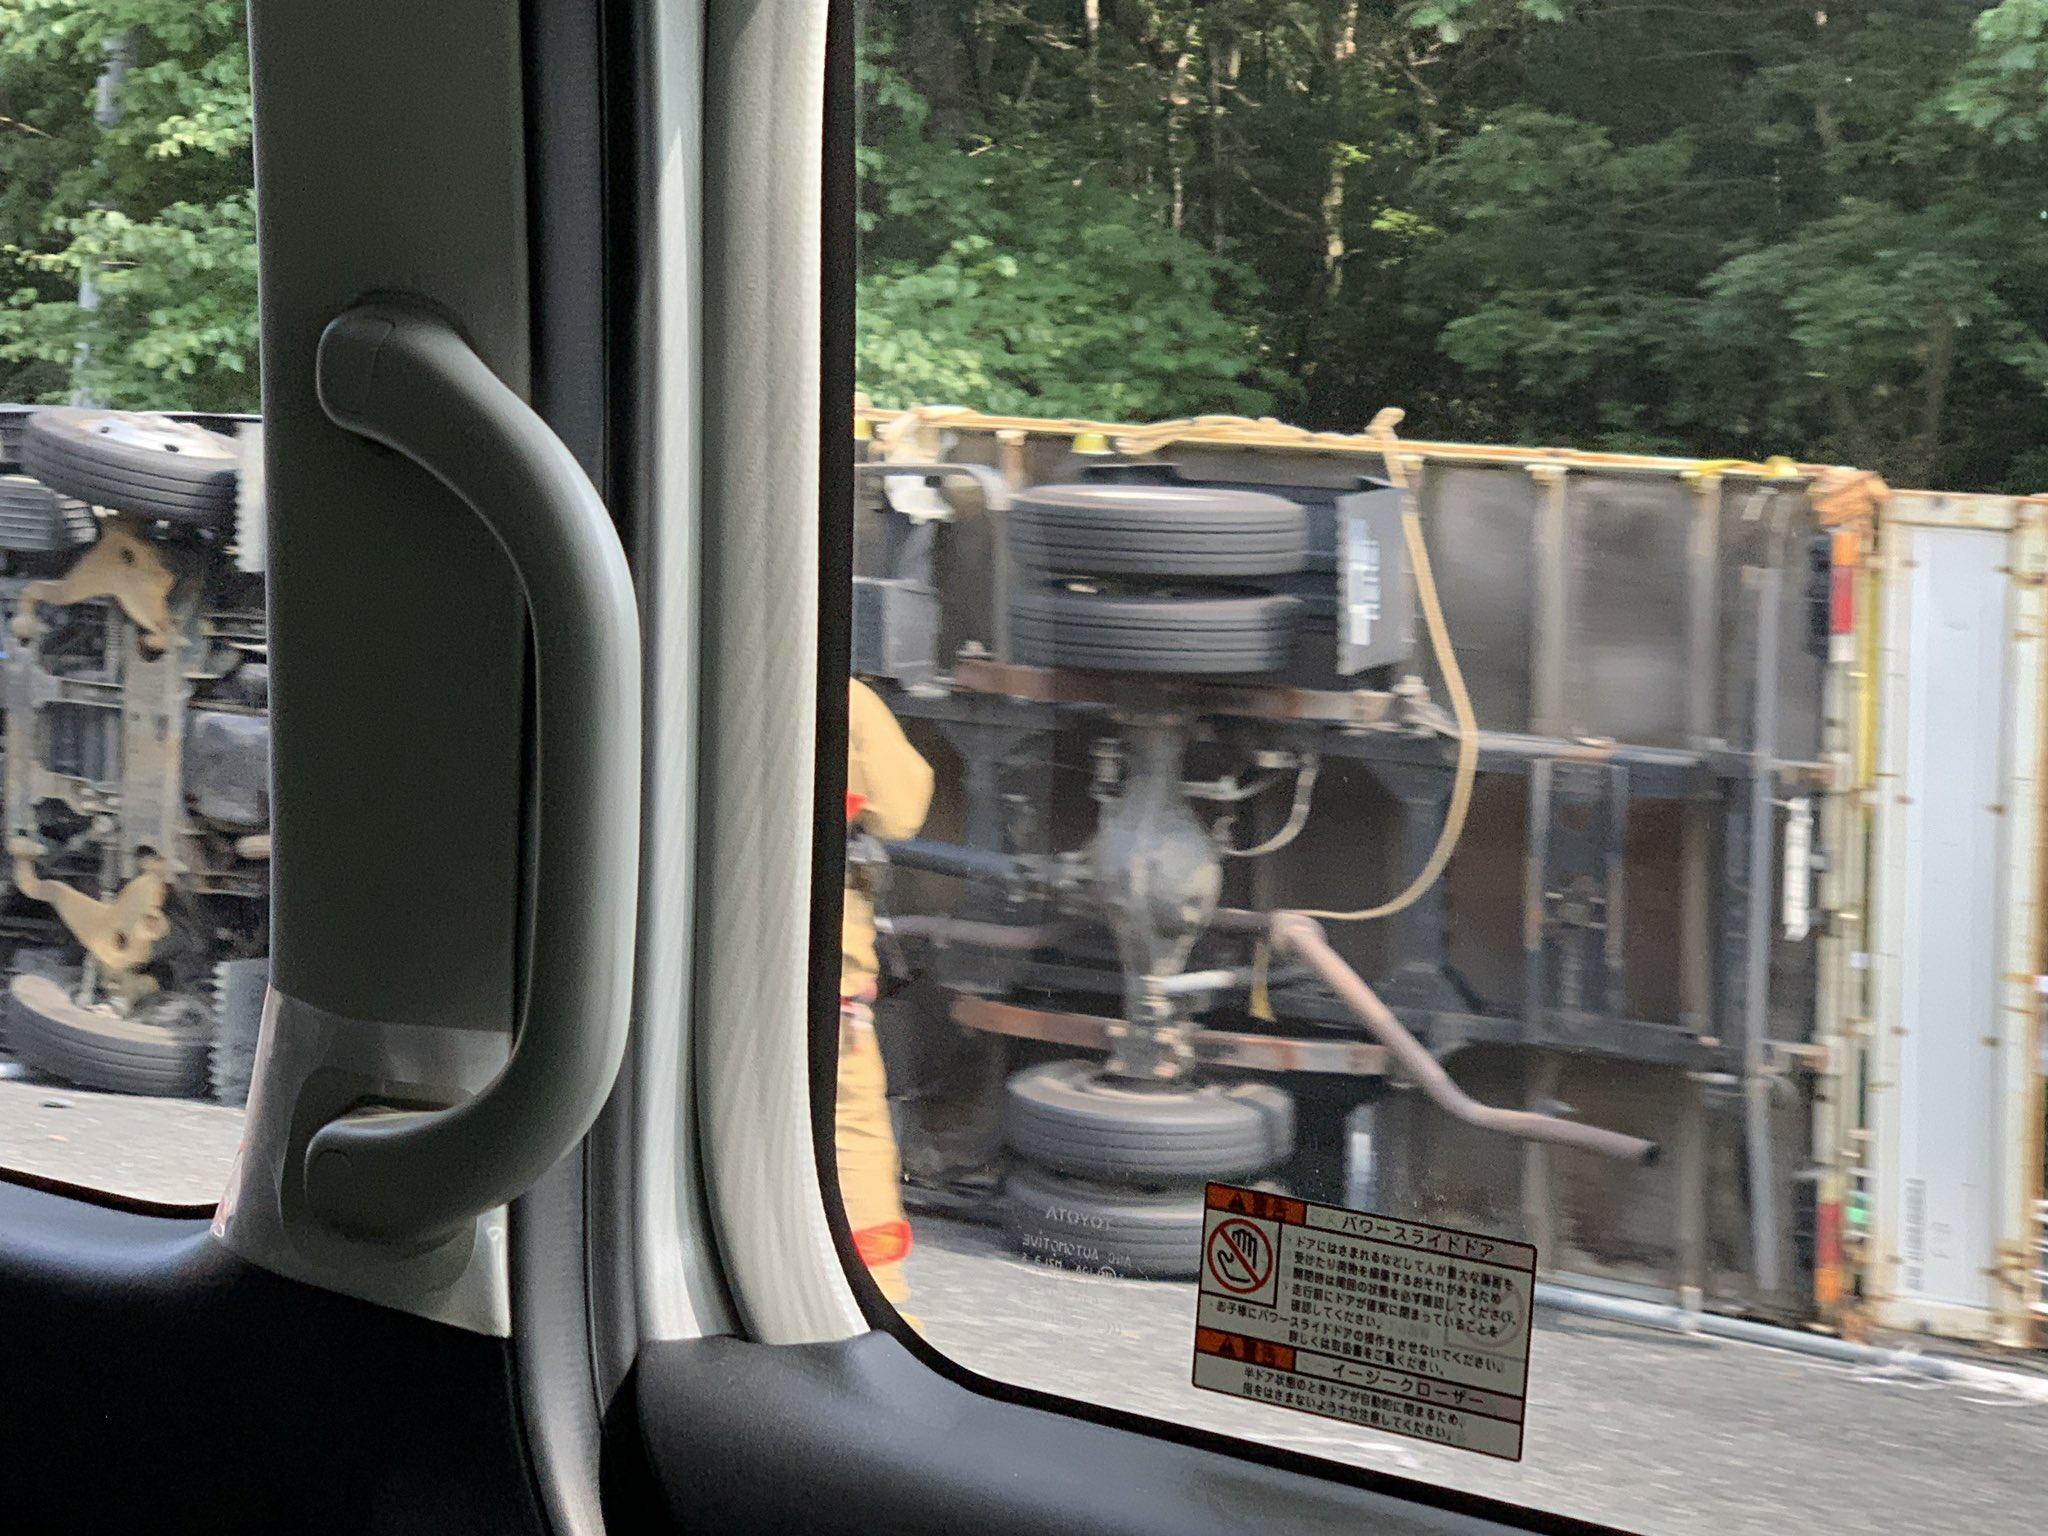 中国道の名塩手前でトラックが横転した事故現場の画像